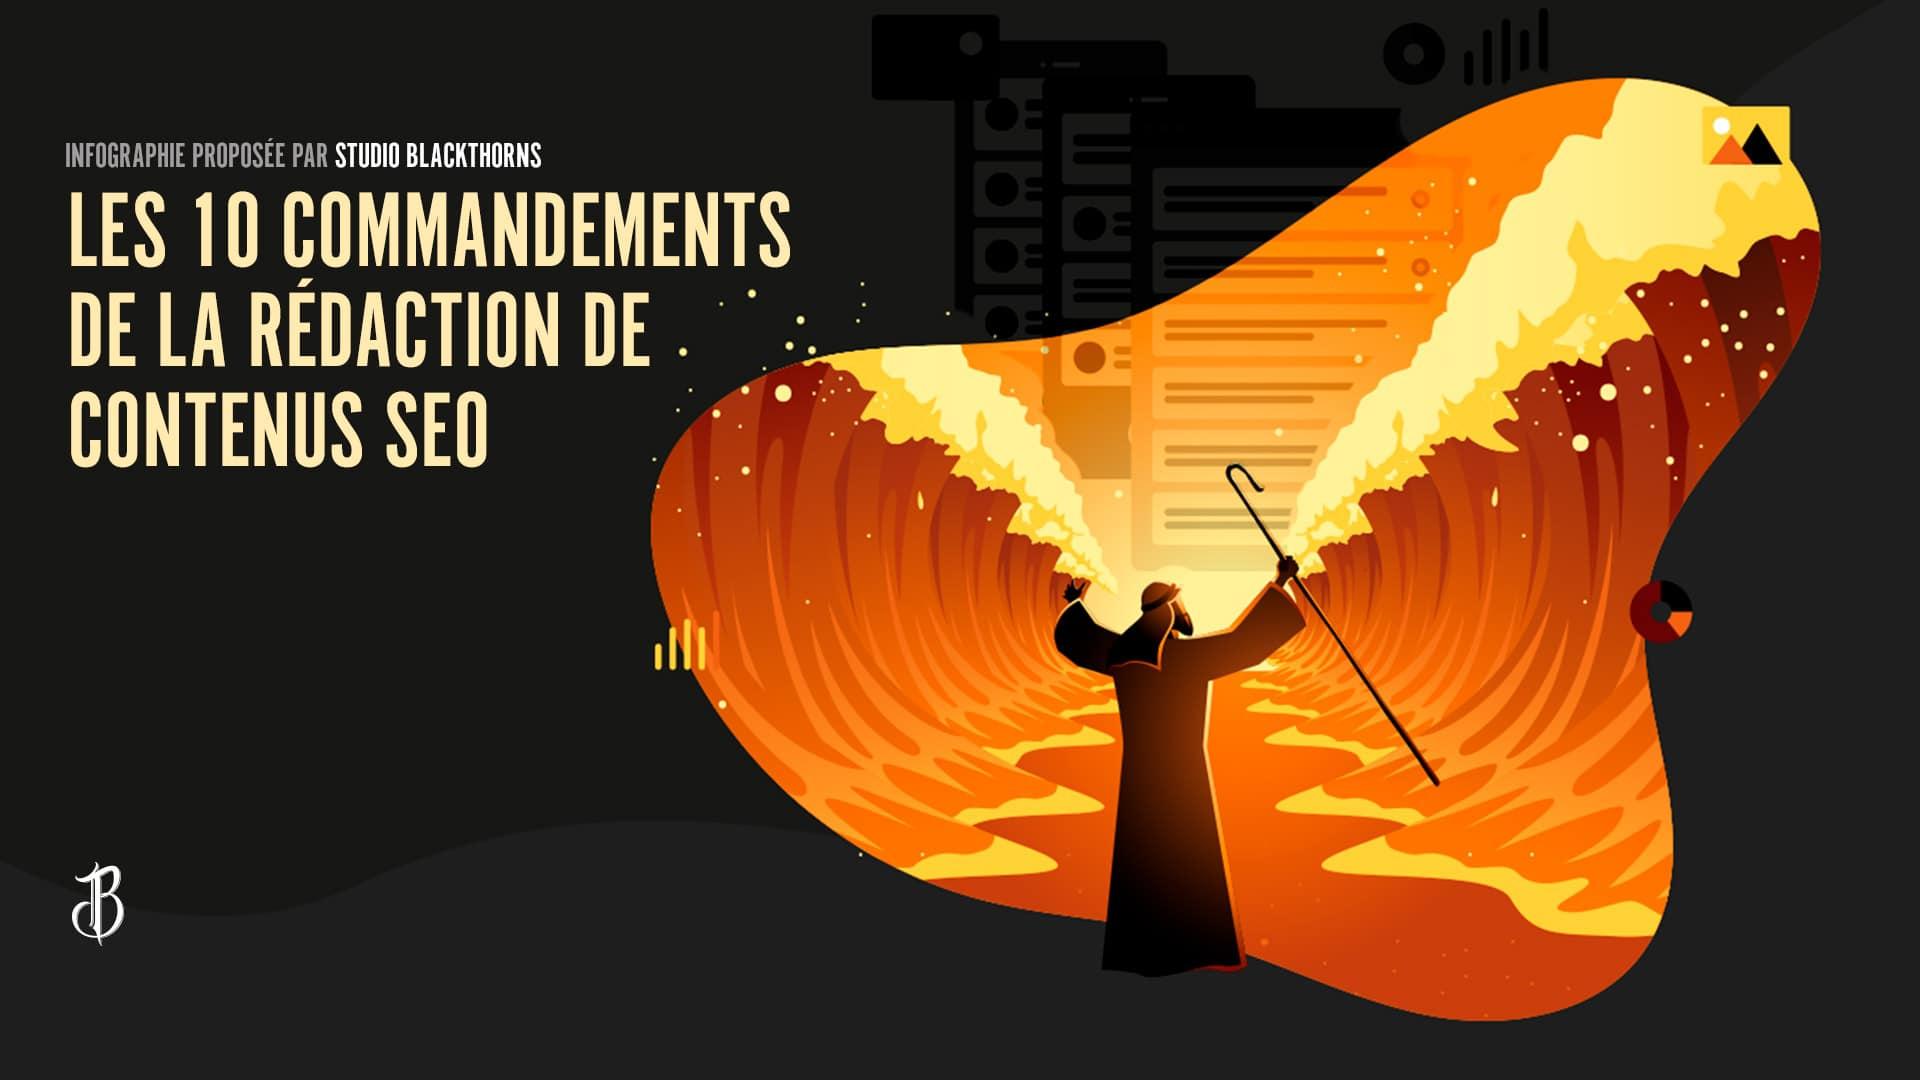 Les 10 commandements de la rédaction de contenus SEO